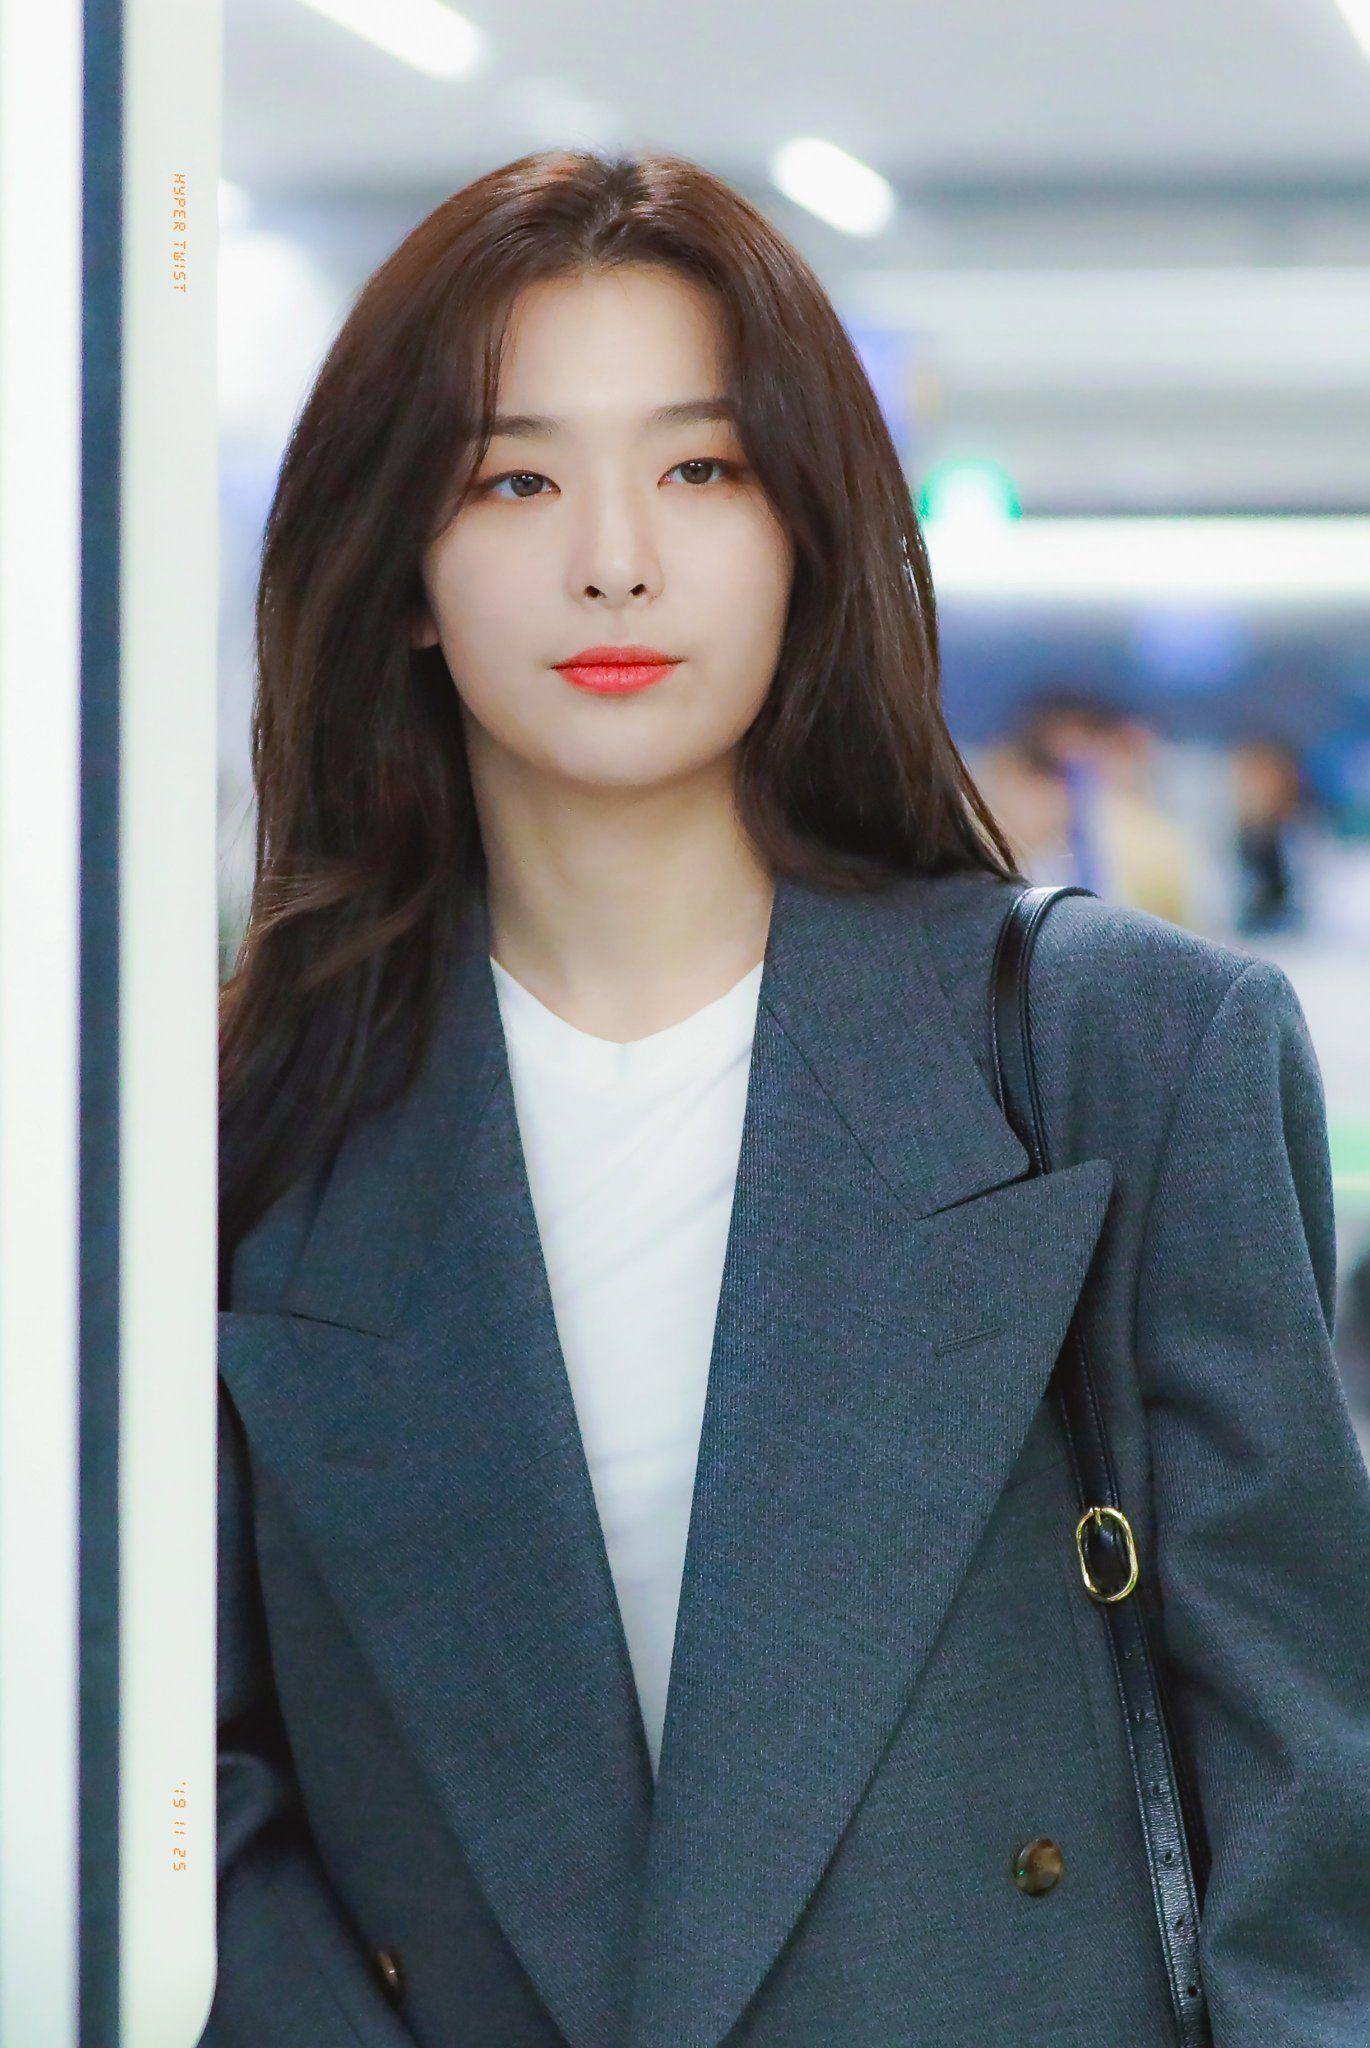 Red Velvet Pics On Twitter Red Velvet Red Velvet Seulgi Red Velvet Irene